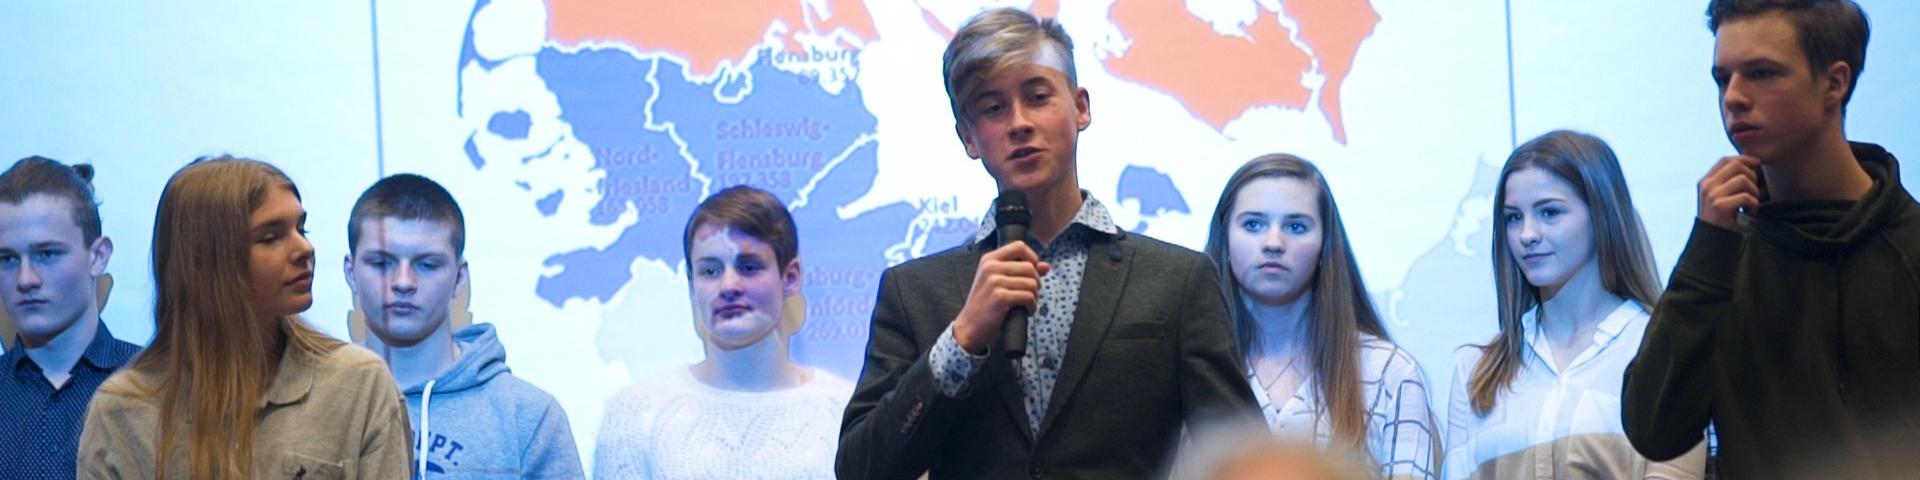 Jugendliche halten Ansprache